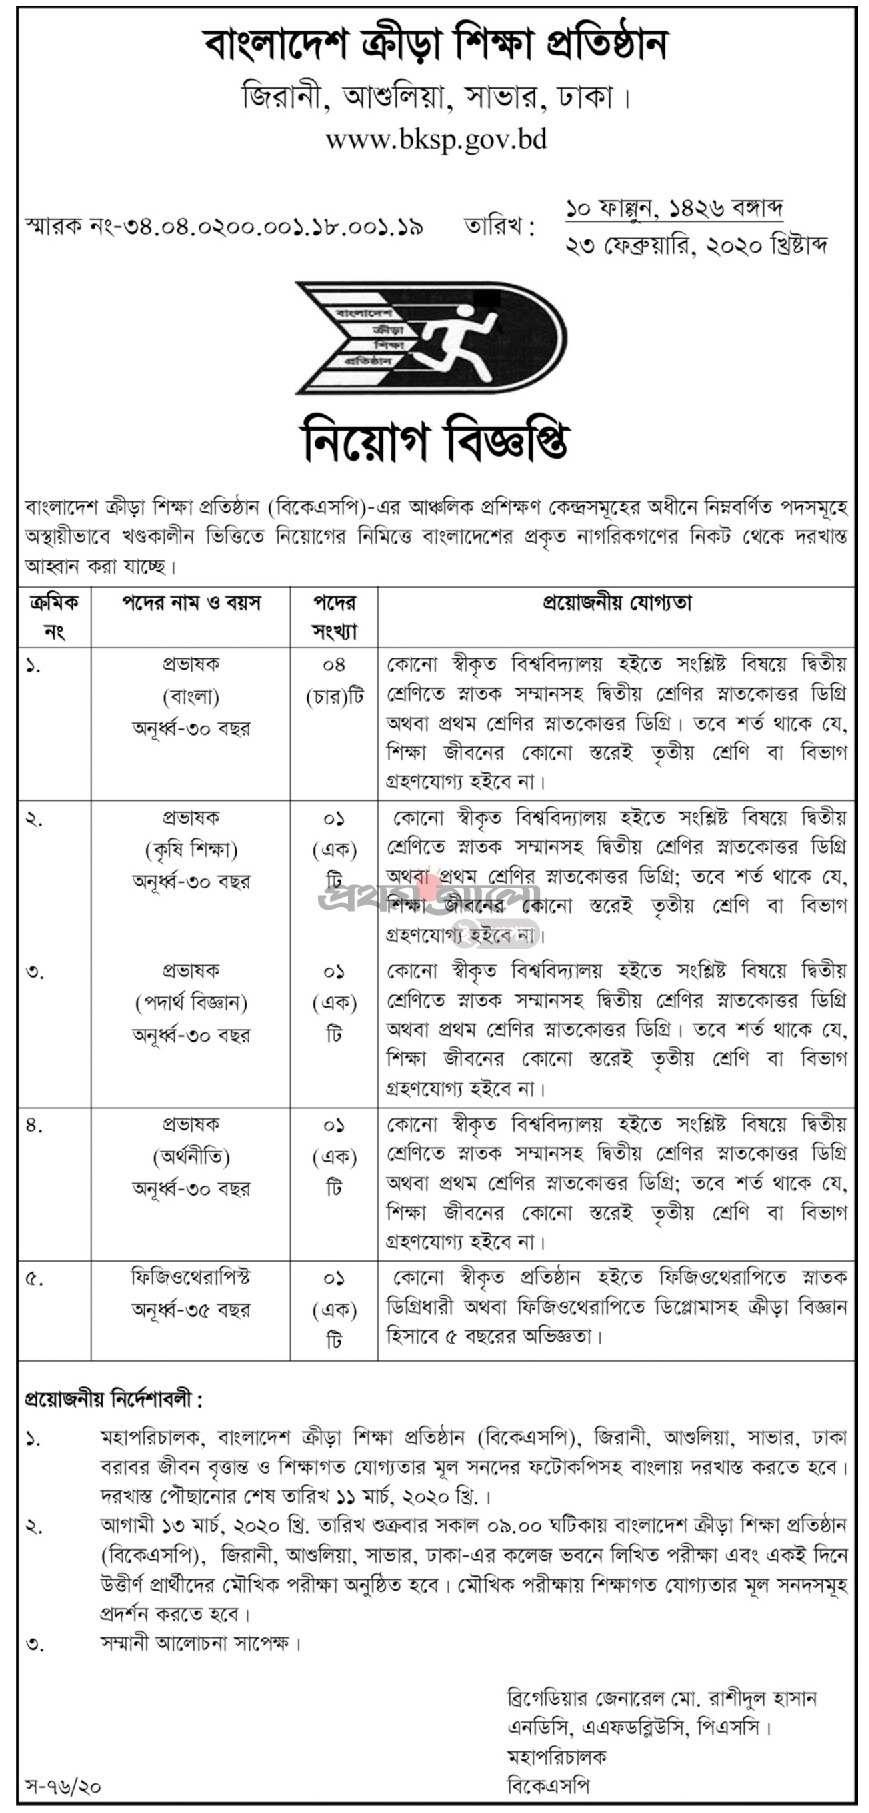 Bangladesh Krira Shikkha Protishtan